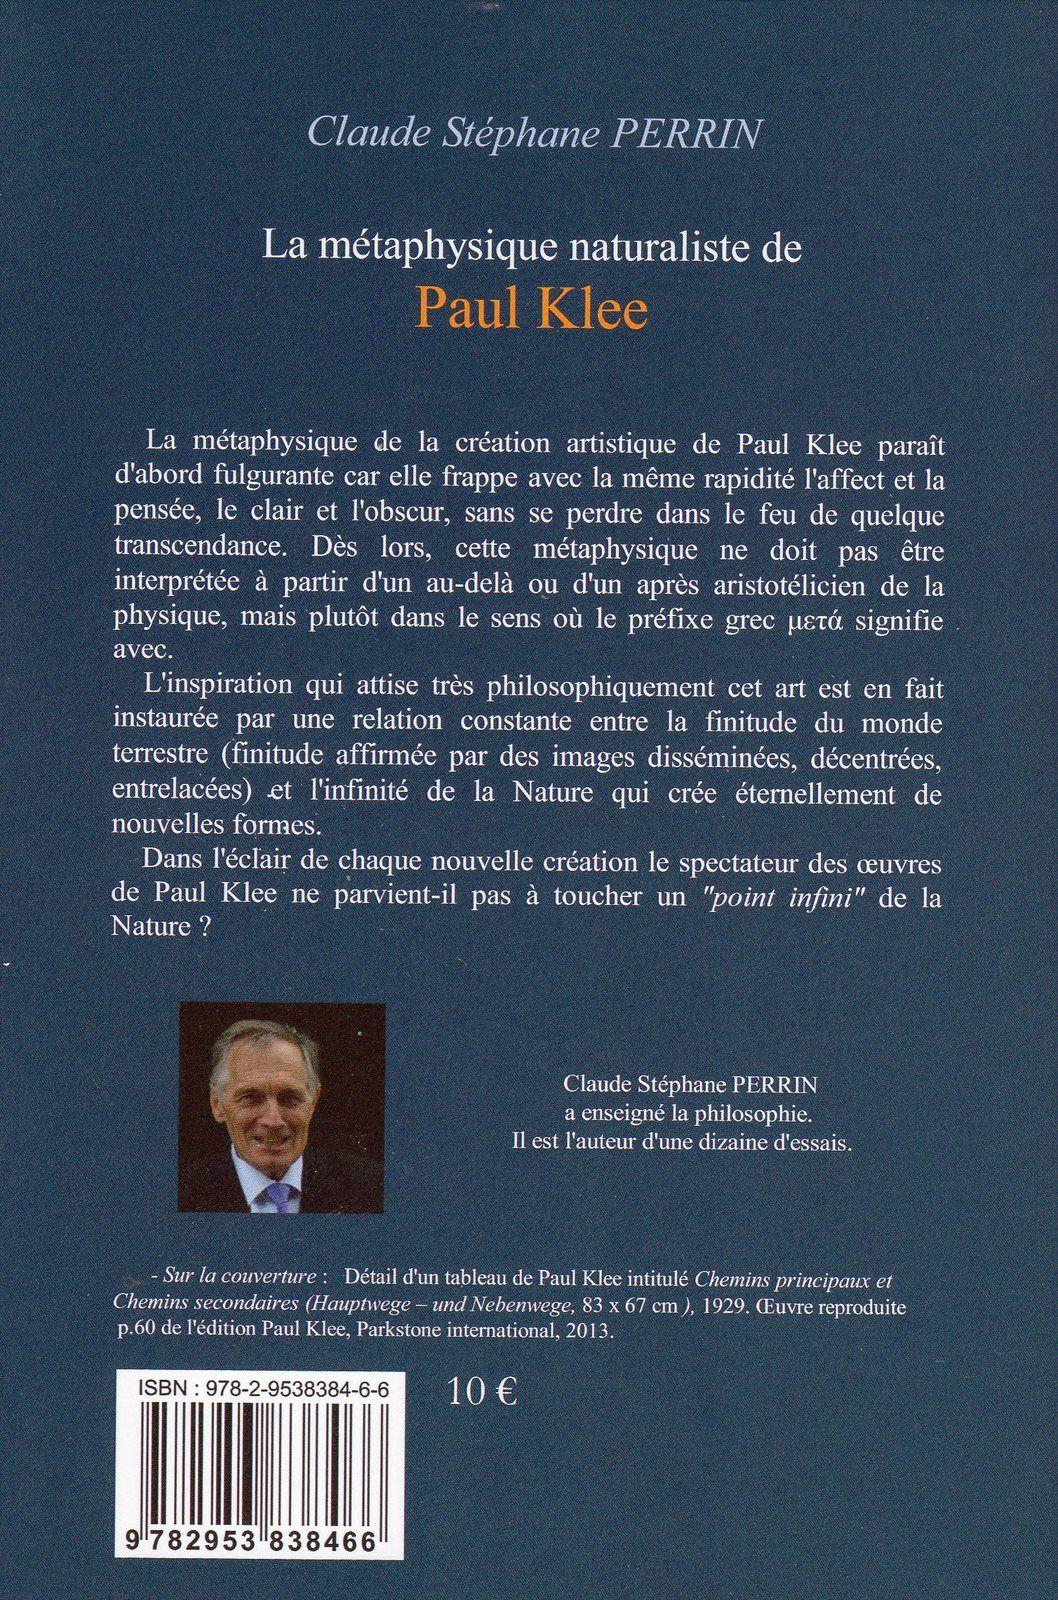 La métaphysique naturaliste de Paul Klee